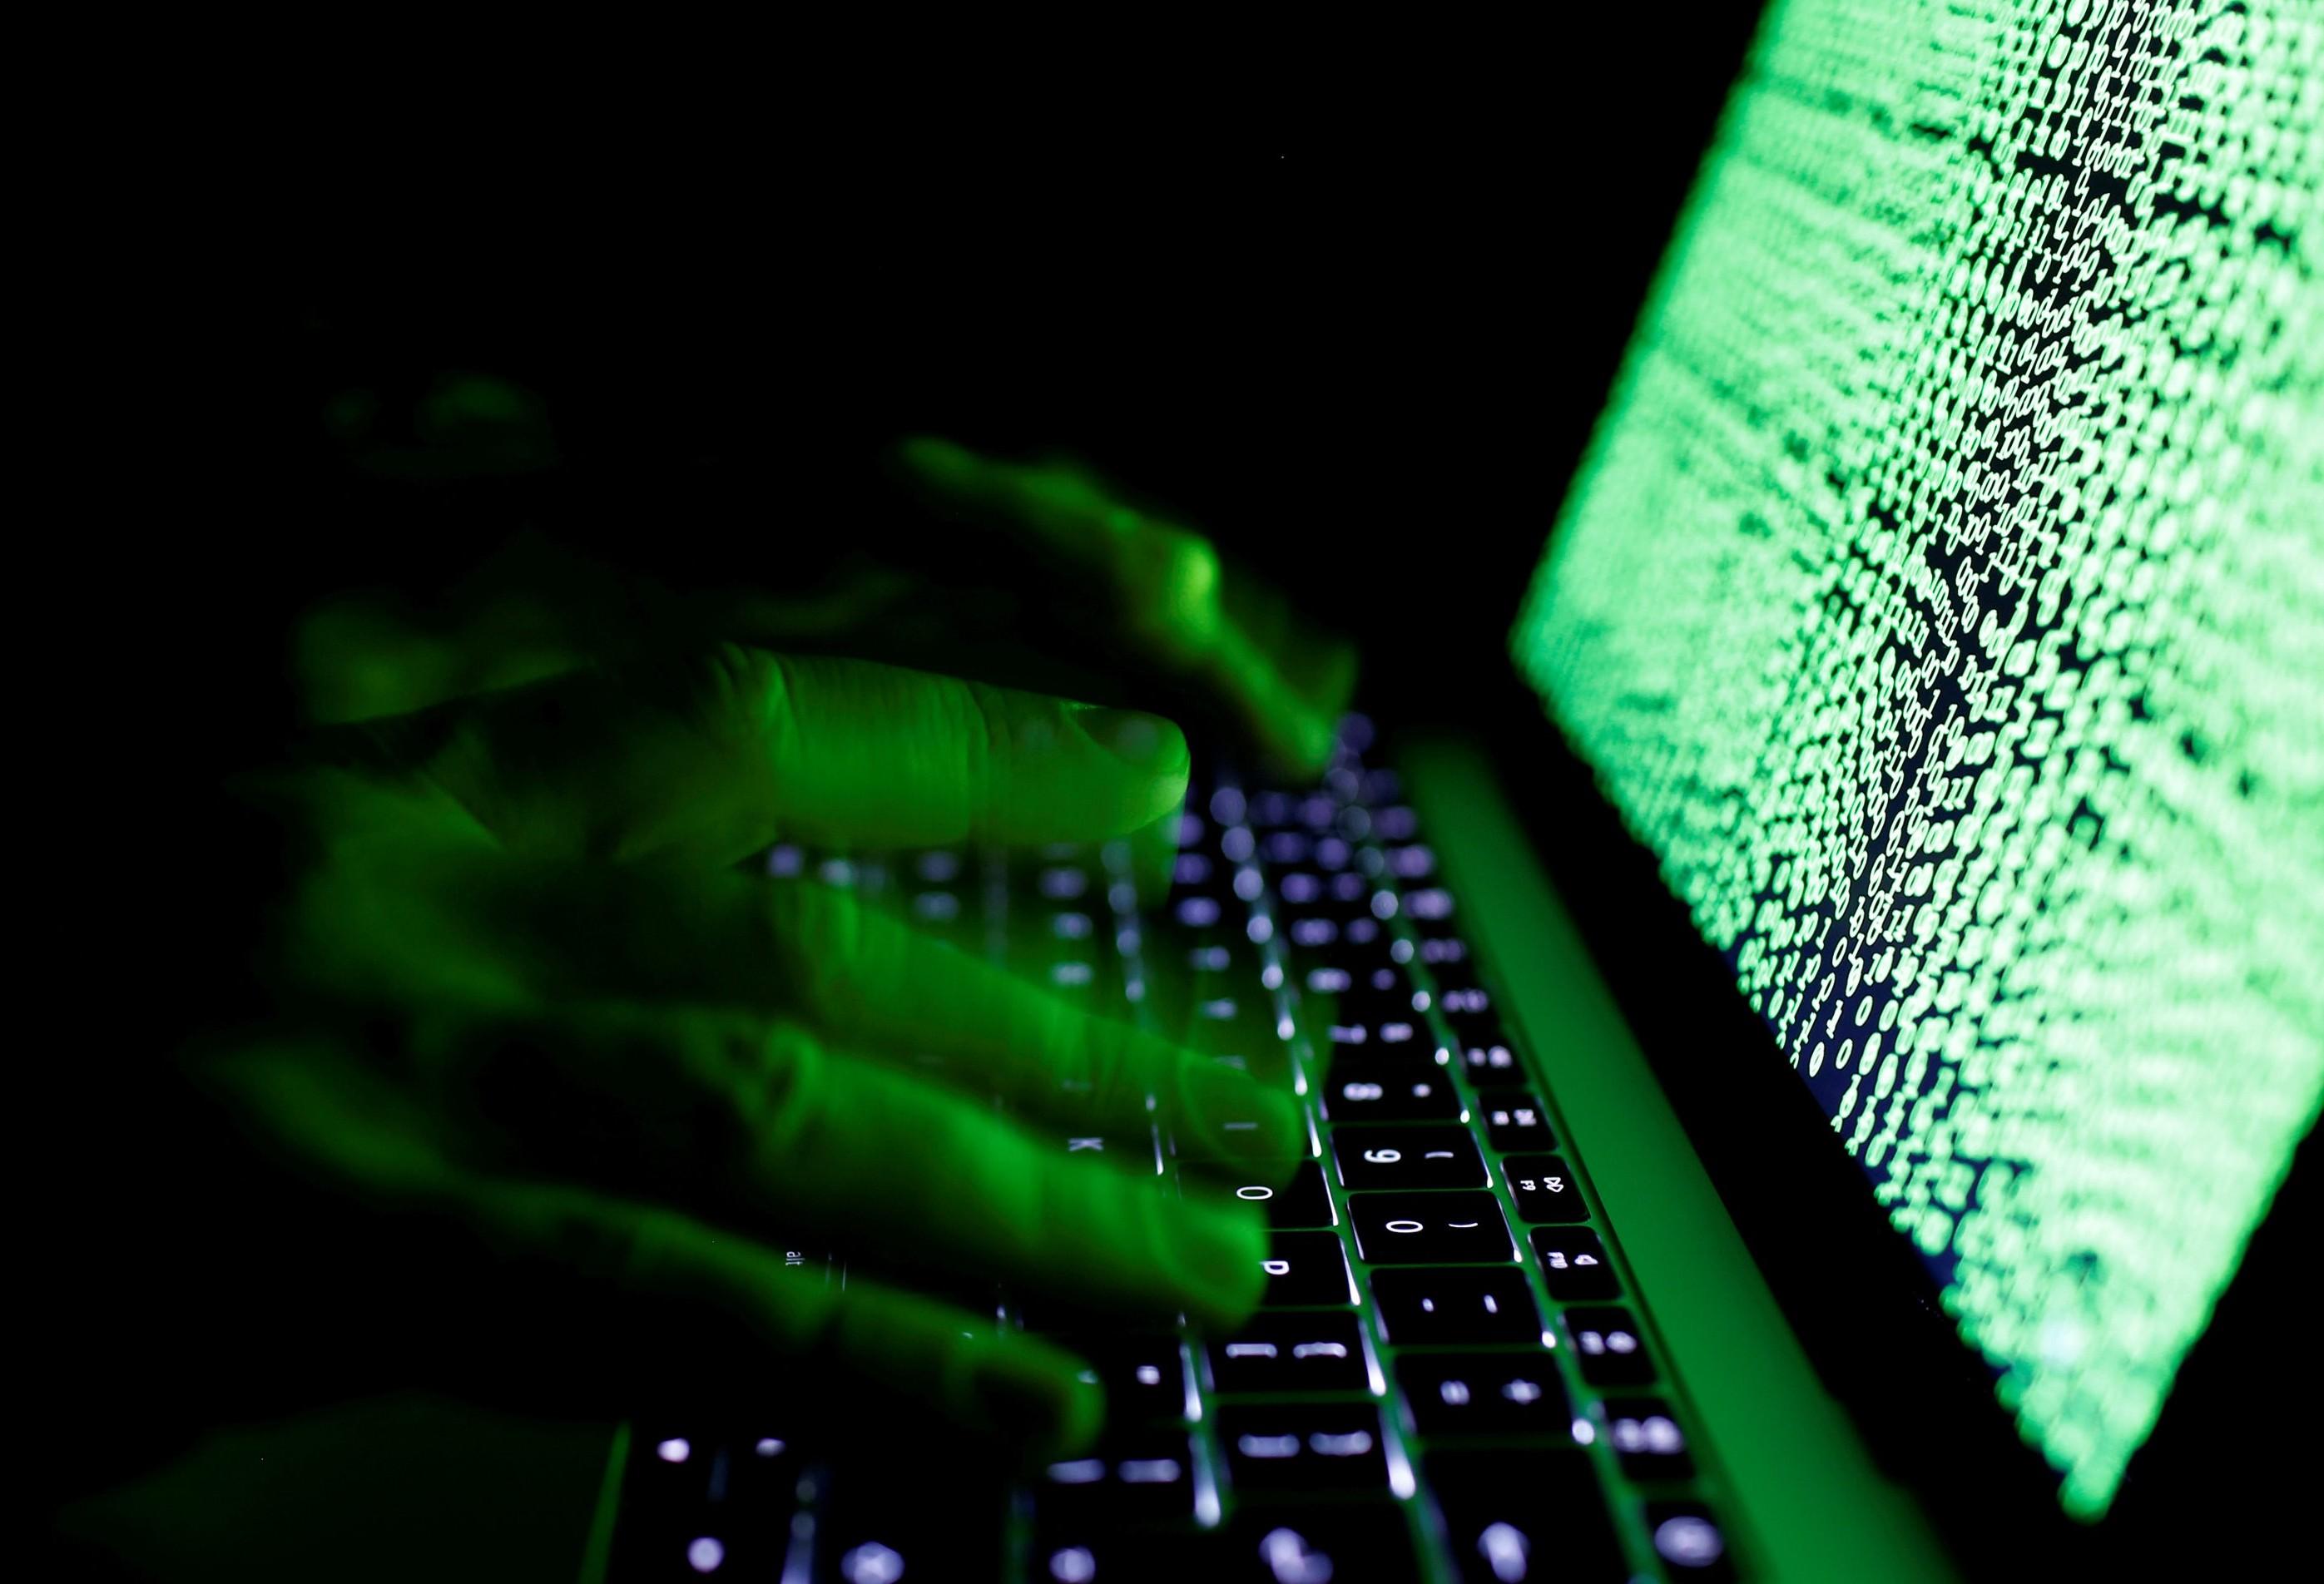 Empresas precisam investir em segurança contra ciberataques, que estão se tornando mais eficientes